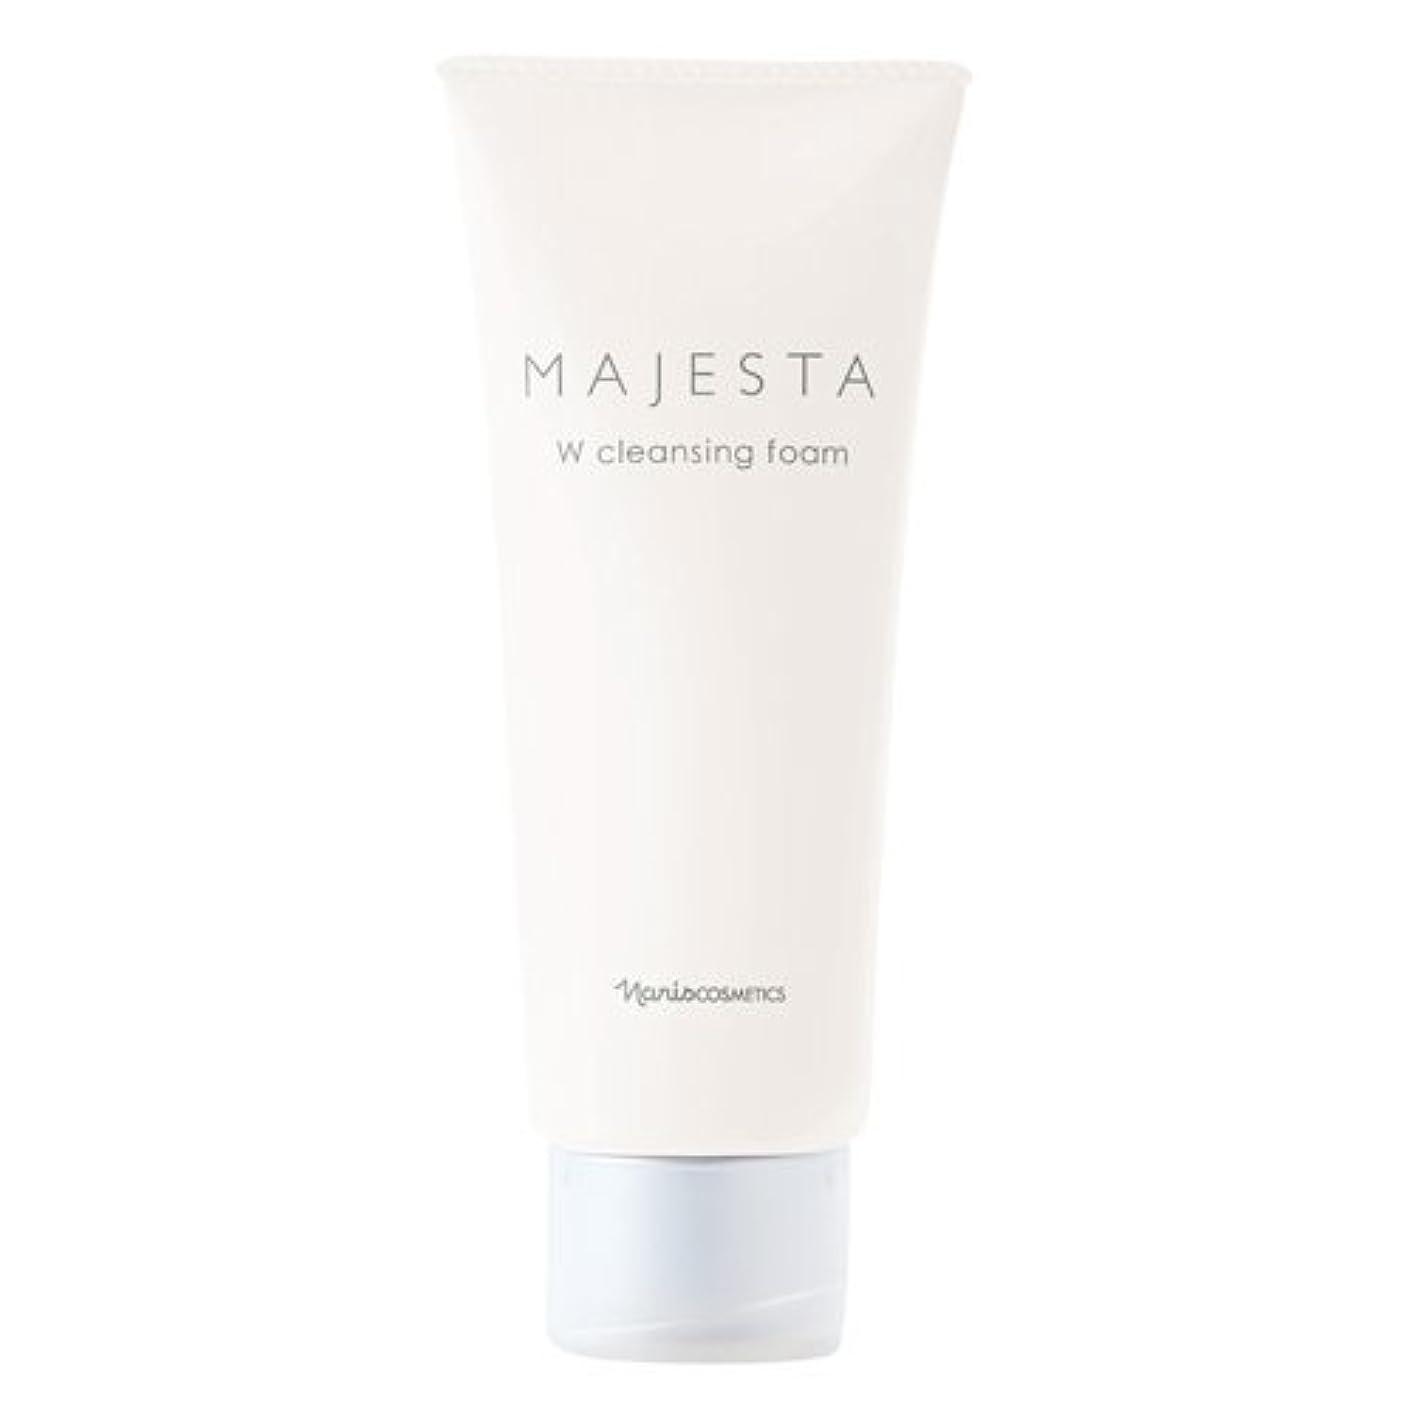 用量アクティブ一見ナリス化粧品 マジェスタ Wクレンジング フォーム(クレンジング?洗顔料) 100g